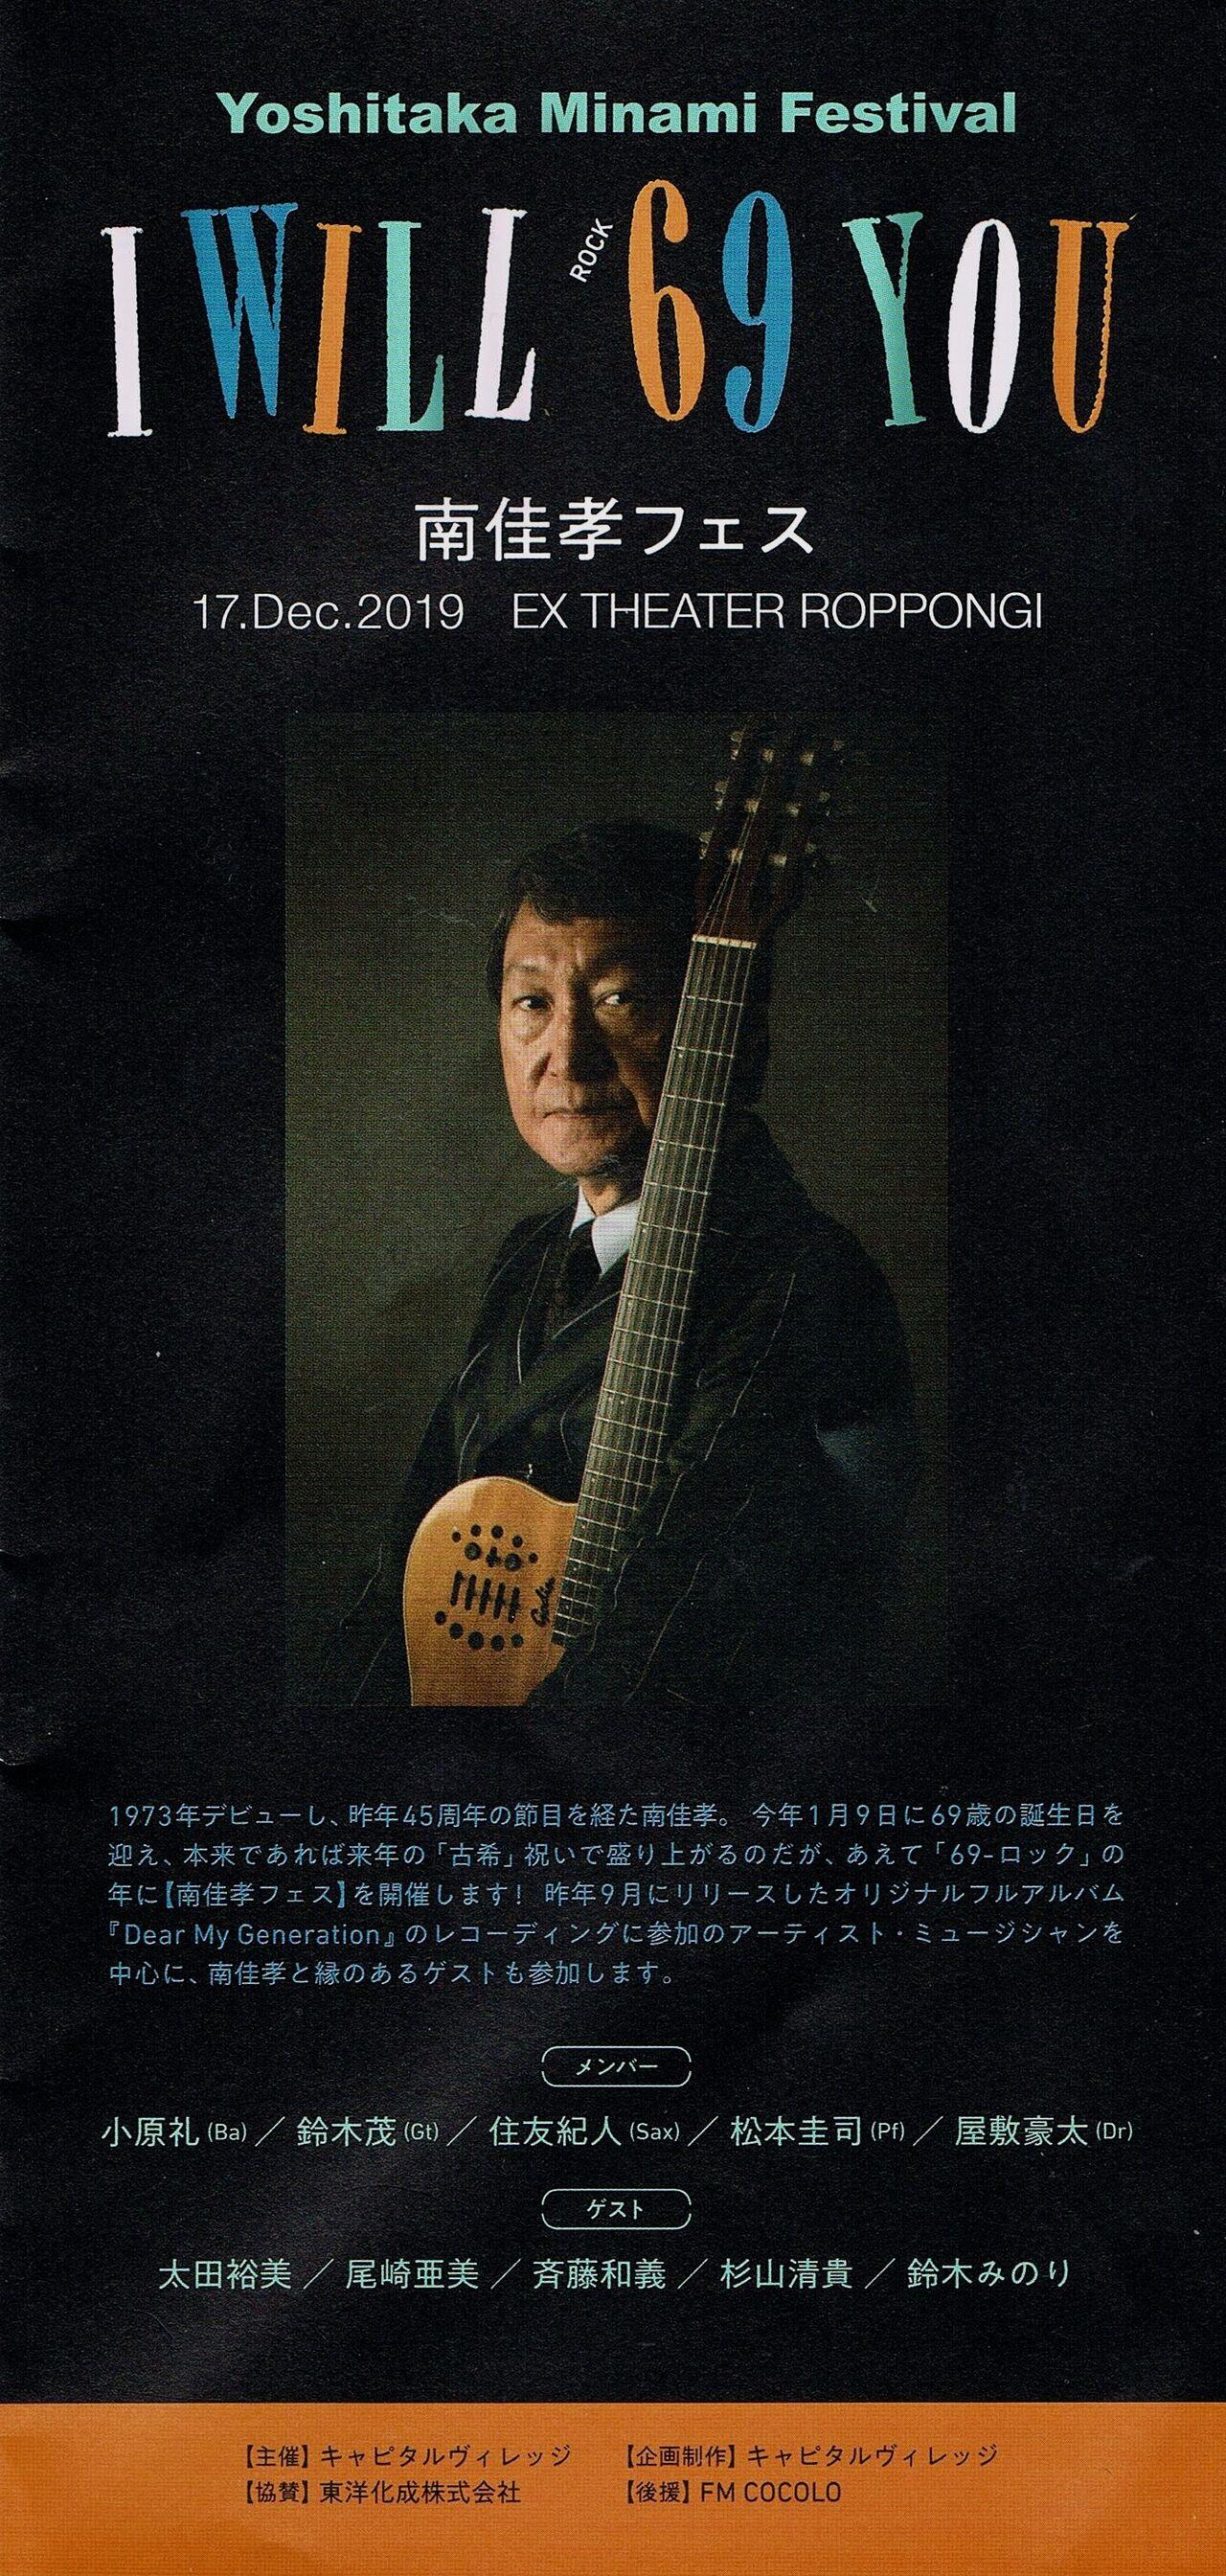 yoshitaka fes